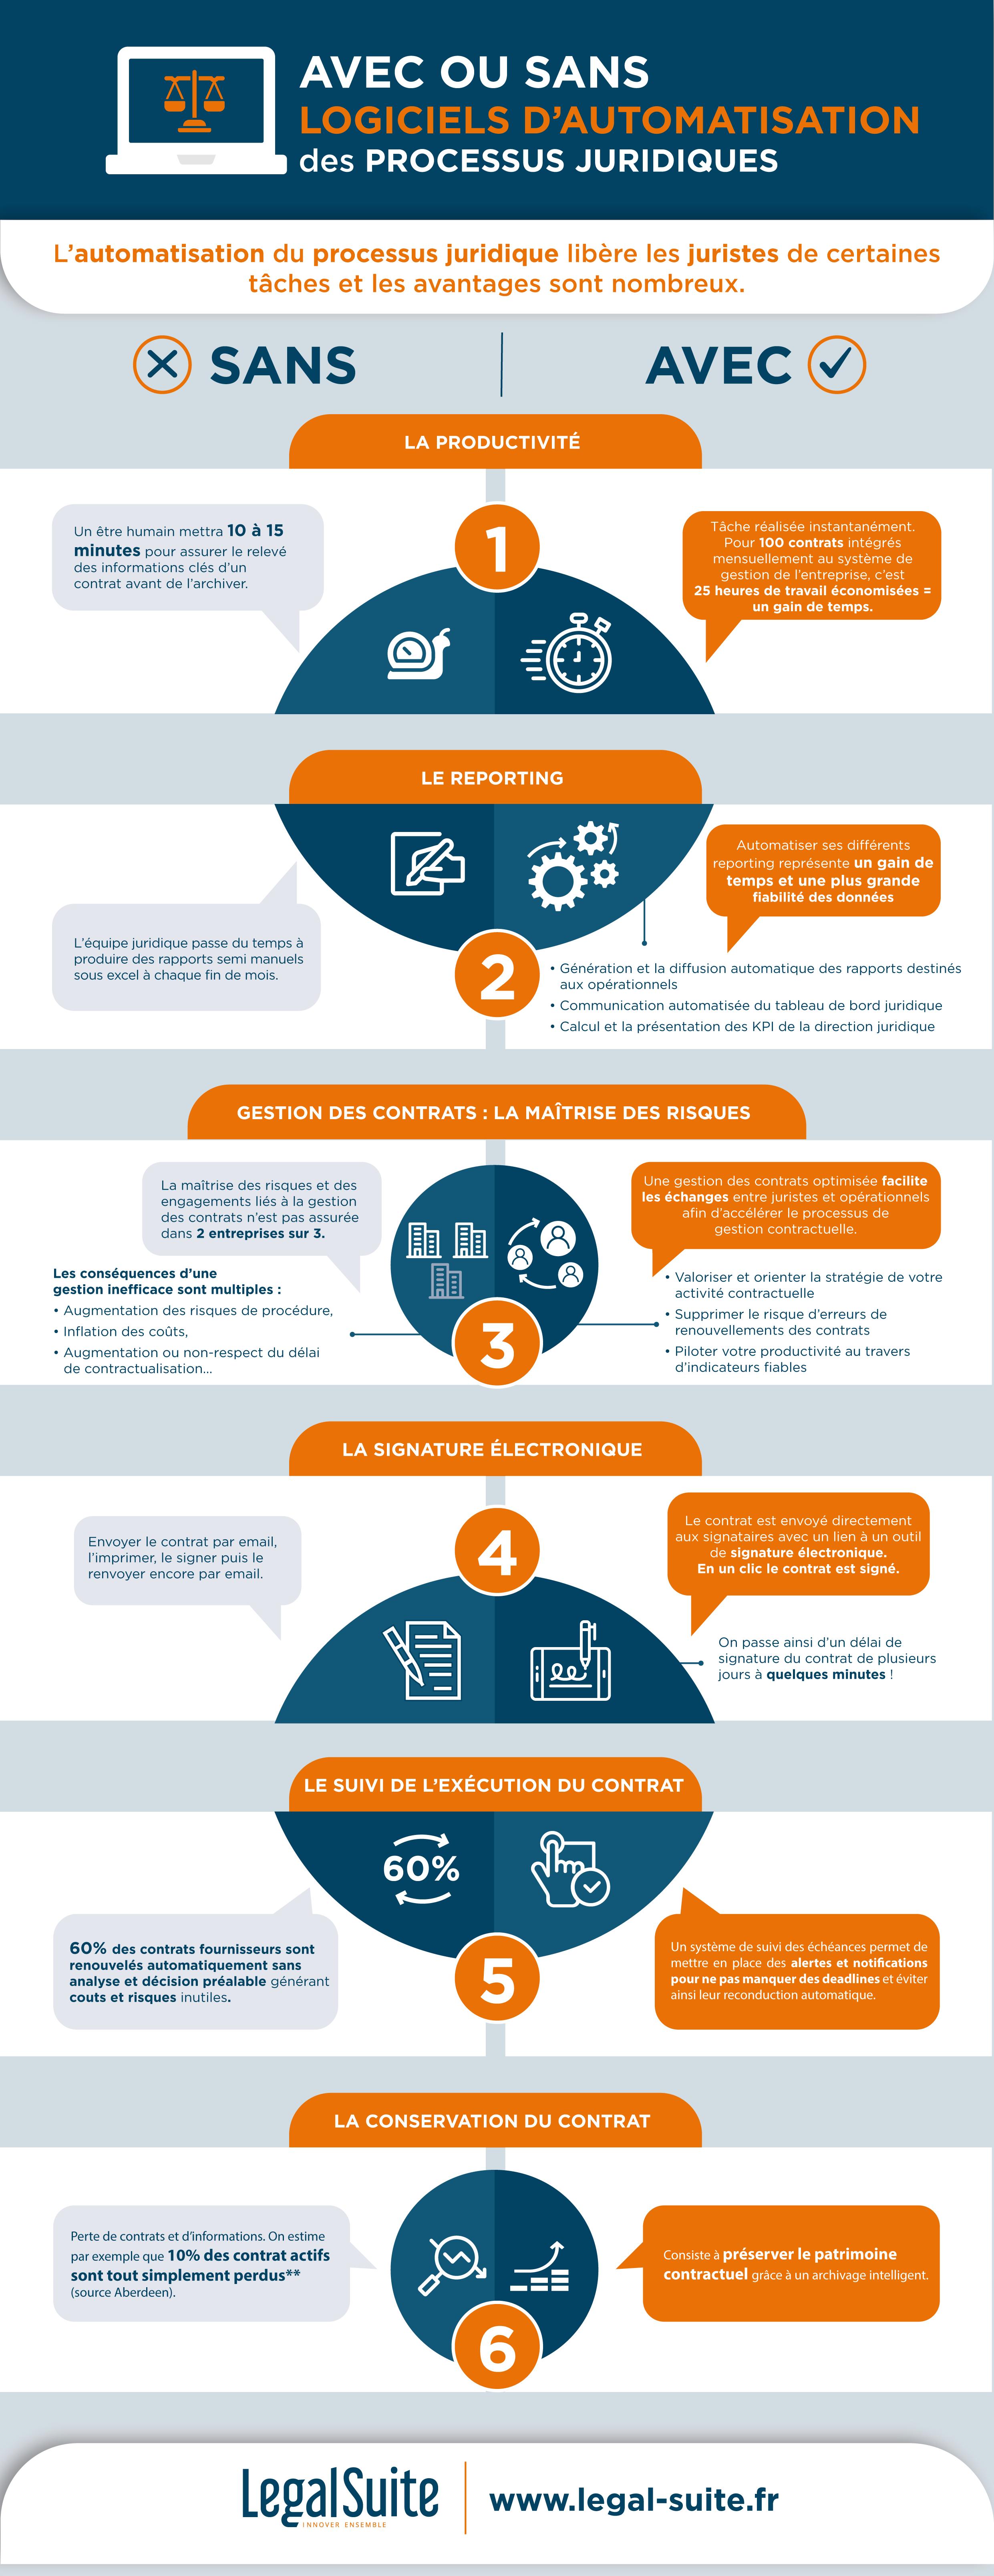 infographie_avec_ou_sans_logiciels_d_automatisation_des_processus_juridiques.png